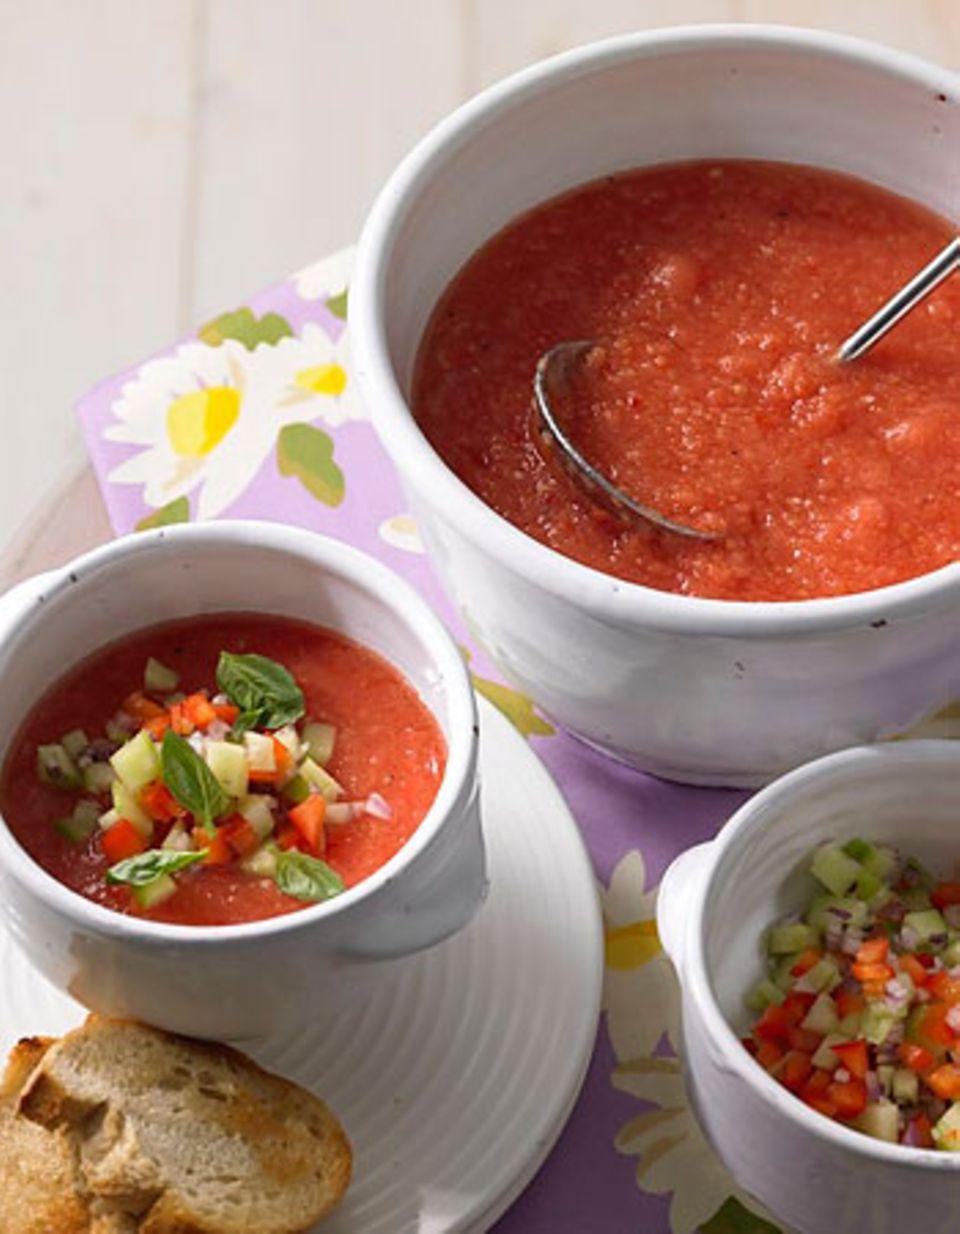 Heute bleibt die Küche kalt - es gibt Gazpacho! Für die kalte spanische Tomatensuppe brauchen Sie nur einen Pürierstab. Lecker: das Topping aus Gurke, Paprika, Zwiebel und Minze. Zum Rezept: Gazpacho